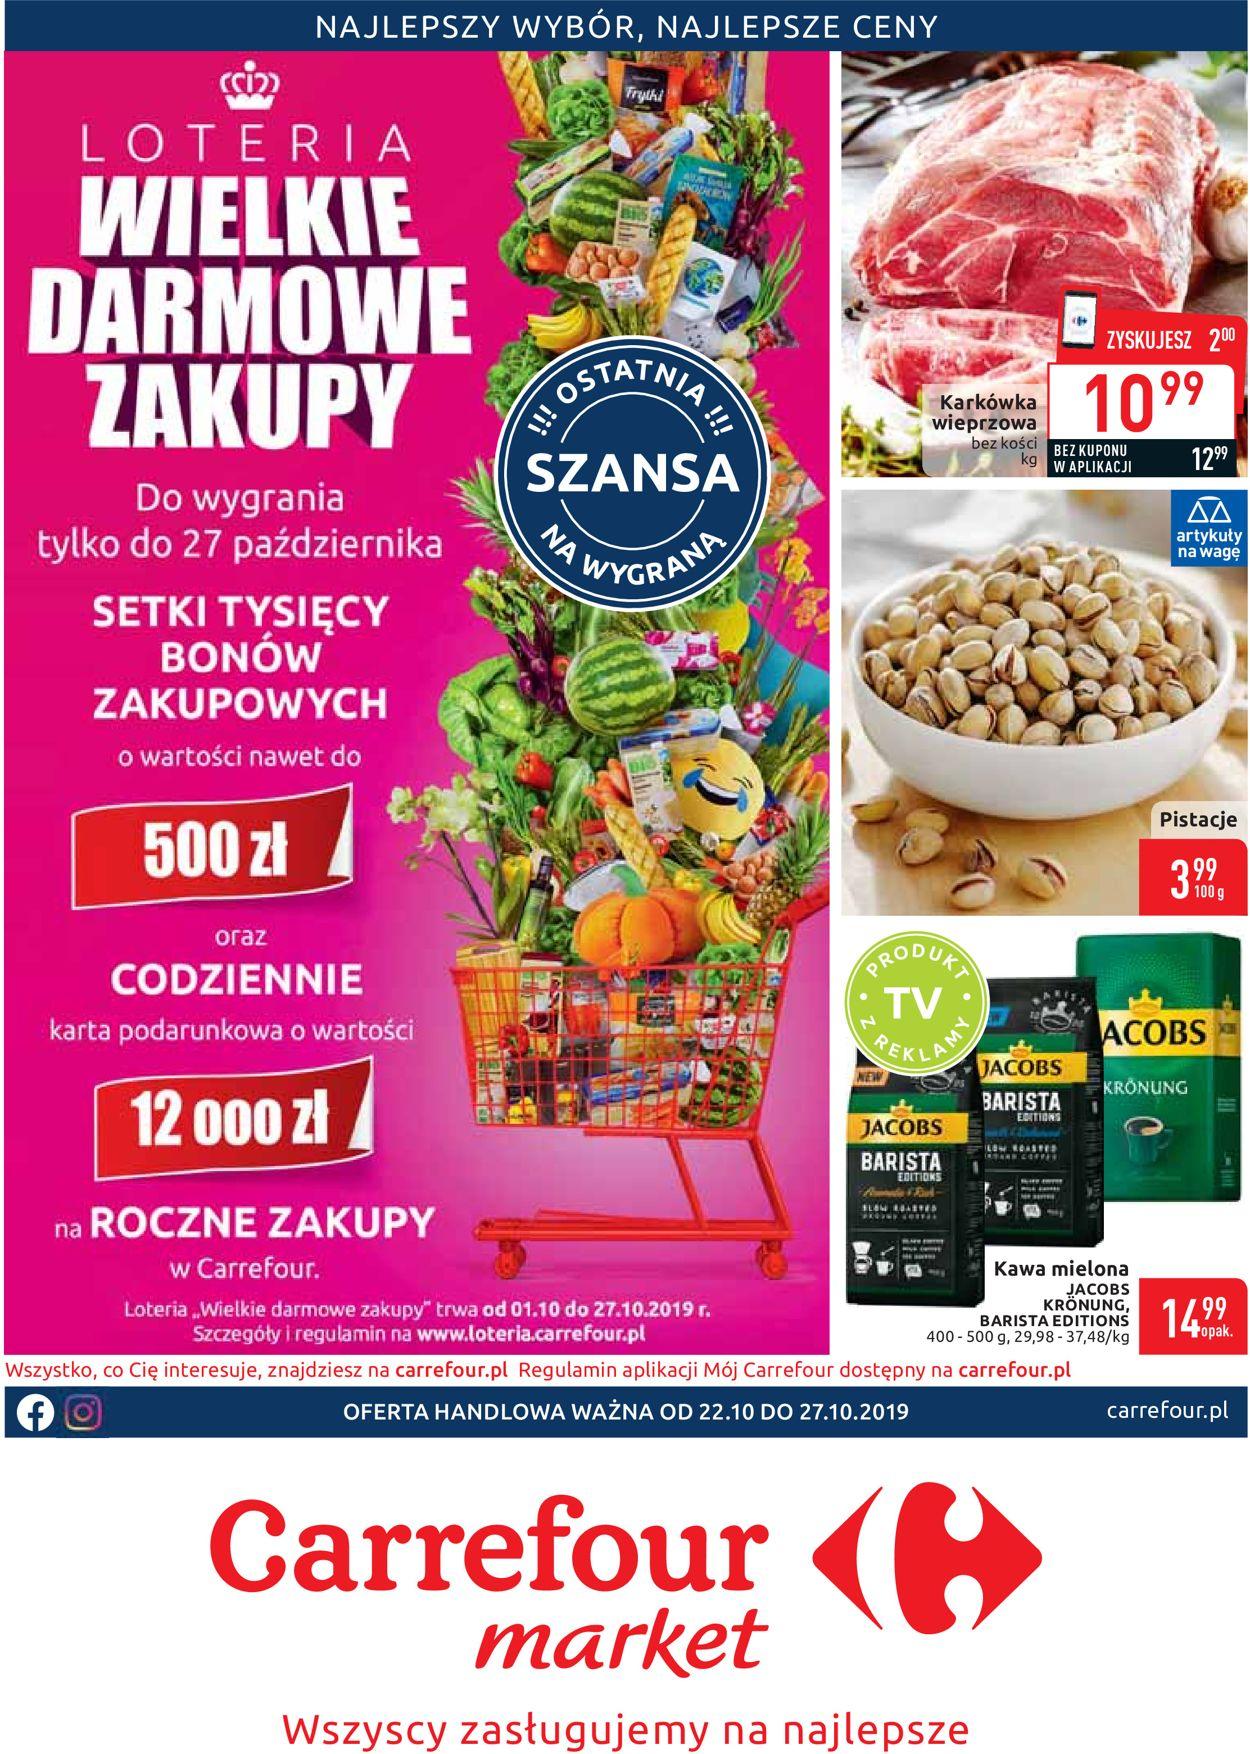 Gazetka promocyjna Carrefour - 22.10-27.10.2019